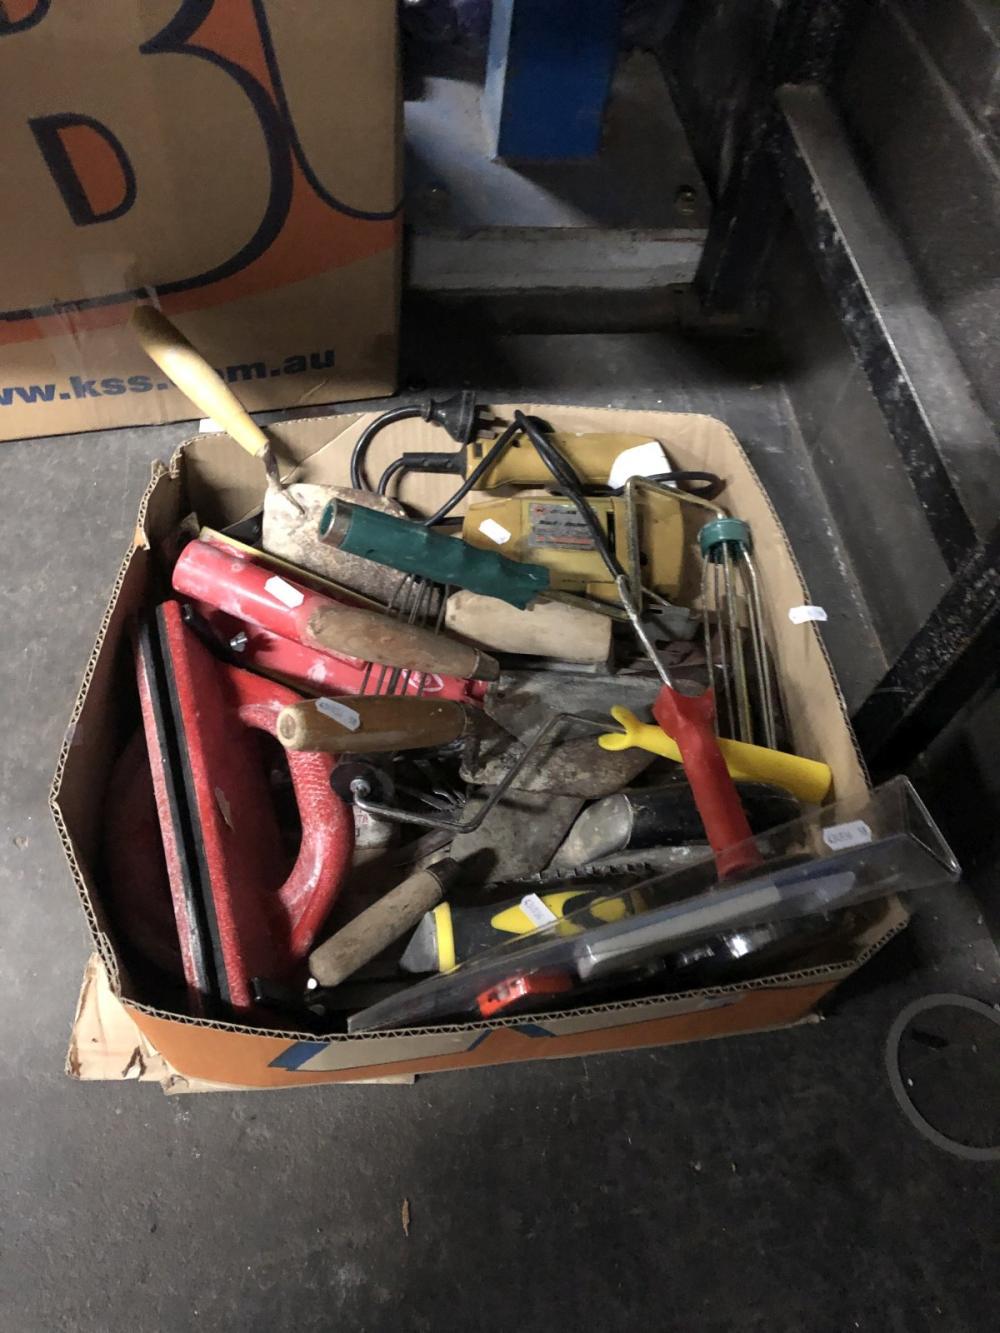 Box of Plasters Tools & Jigsaw